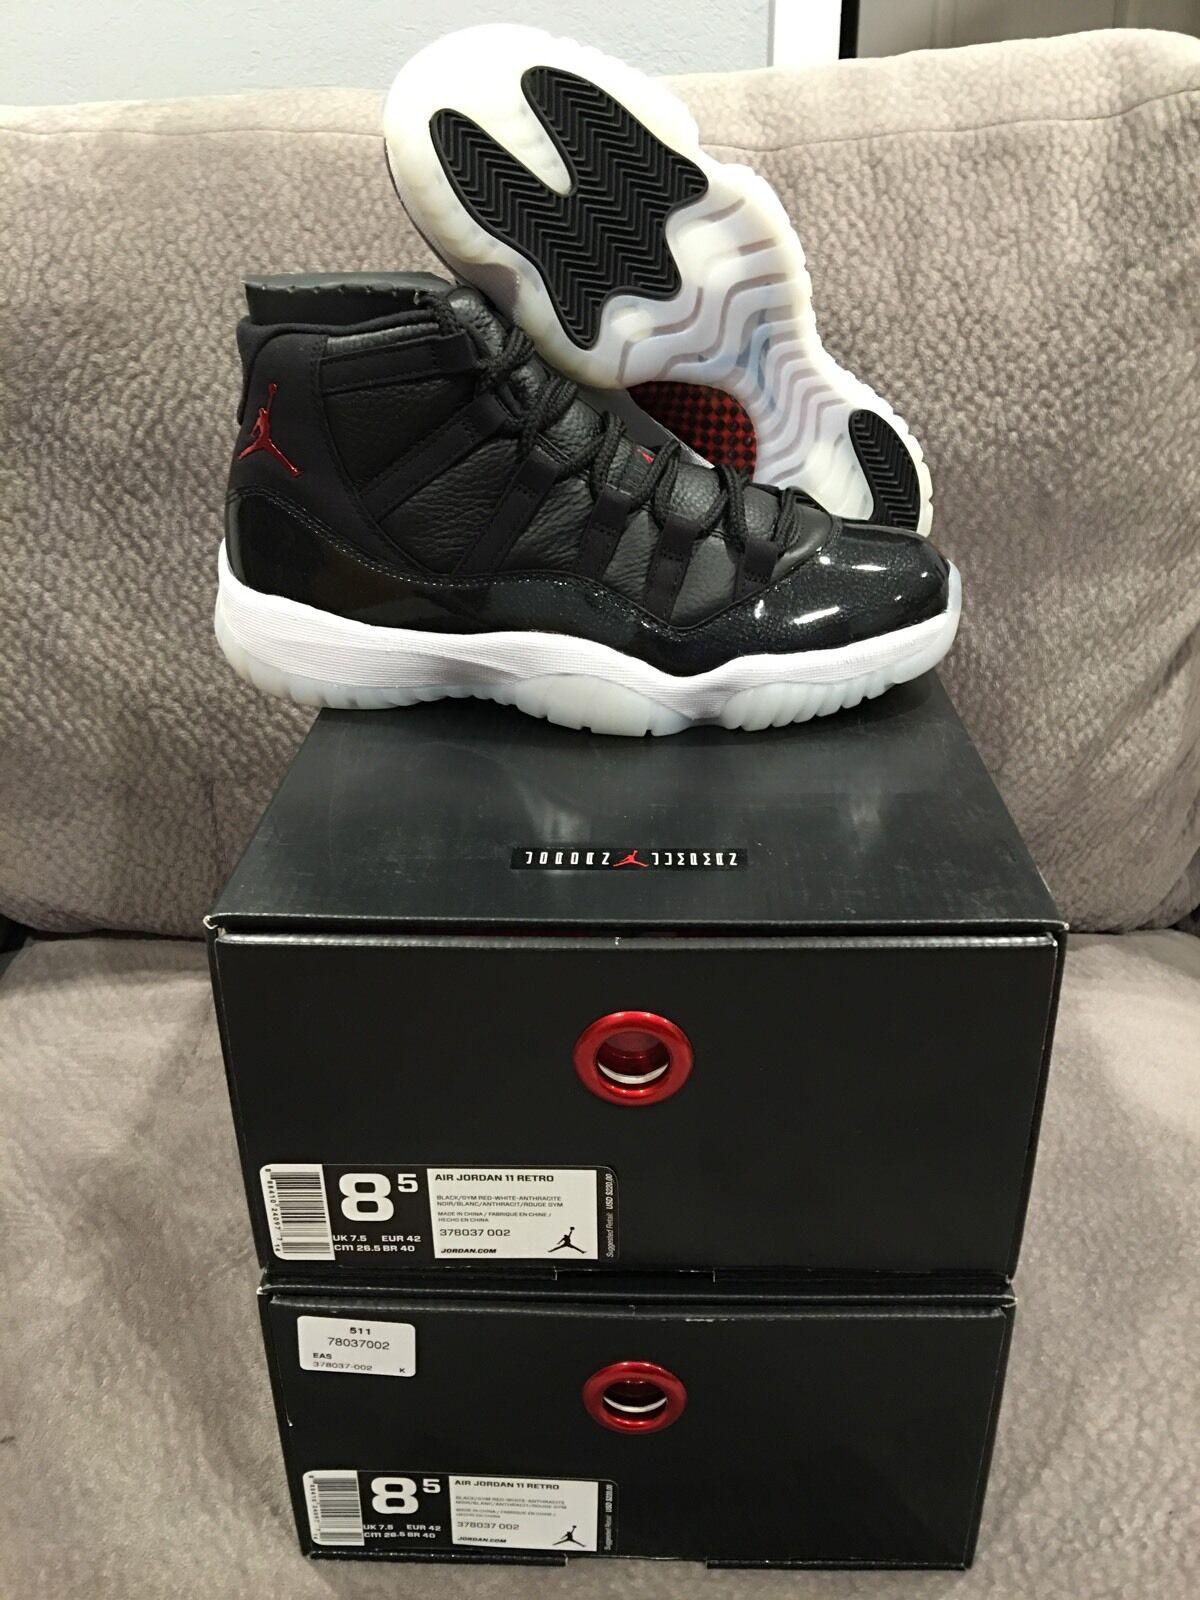 Nike Air Jordan Retro Xi 72-10 Rare Size